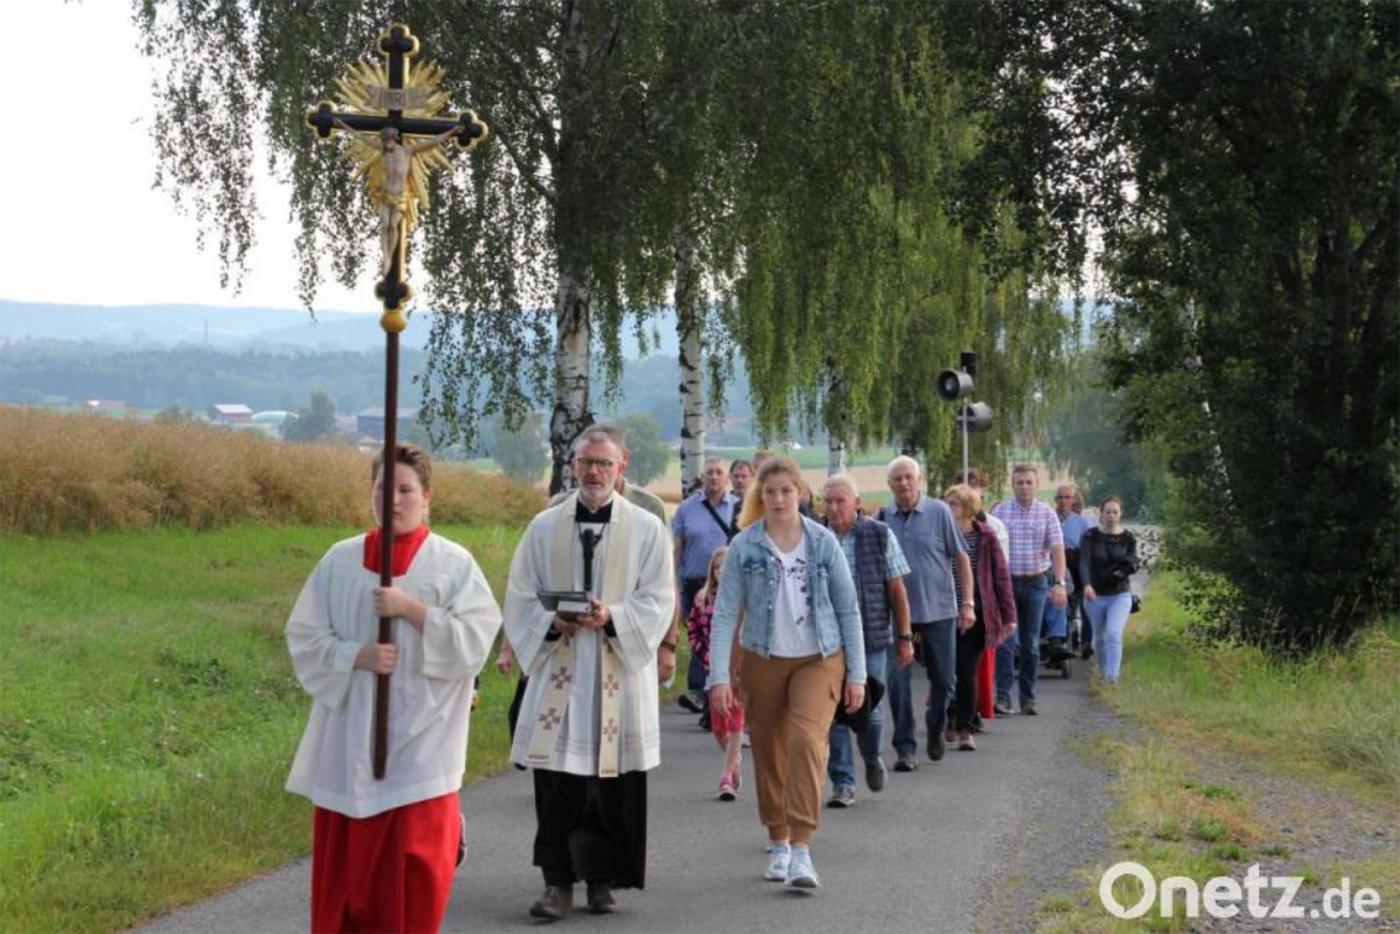 Fußwallfahrt zur Gommelberg-Kapelle in Pleußen